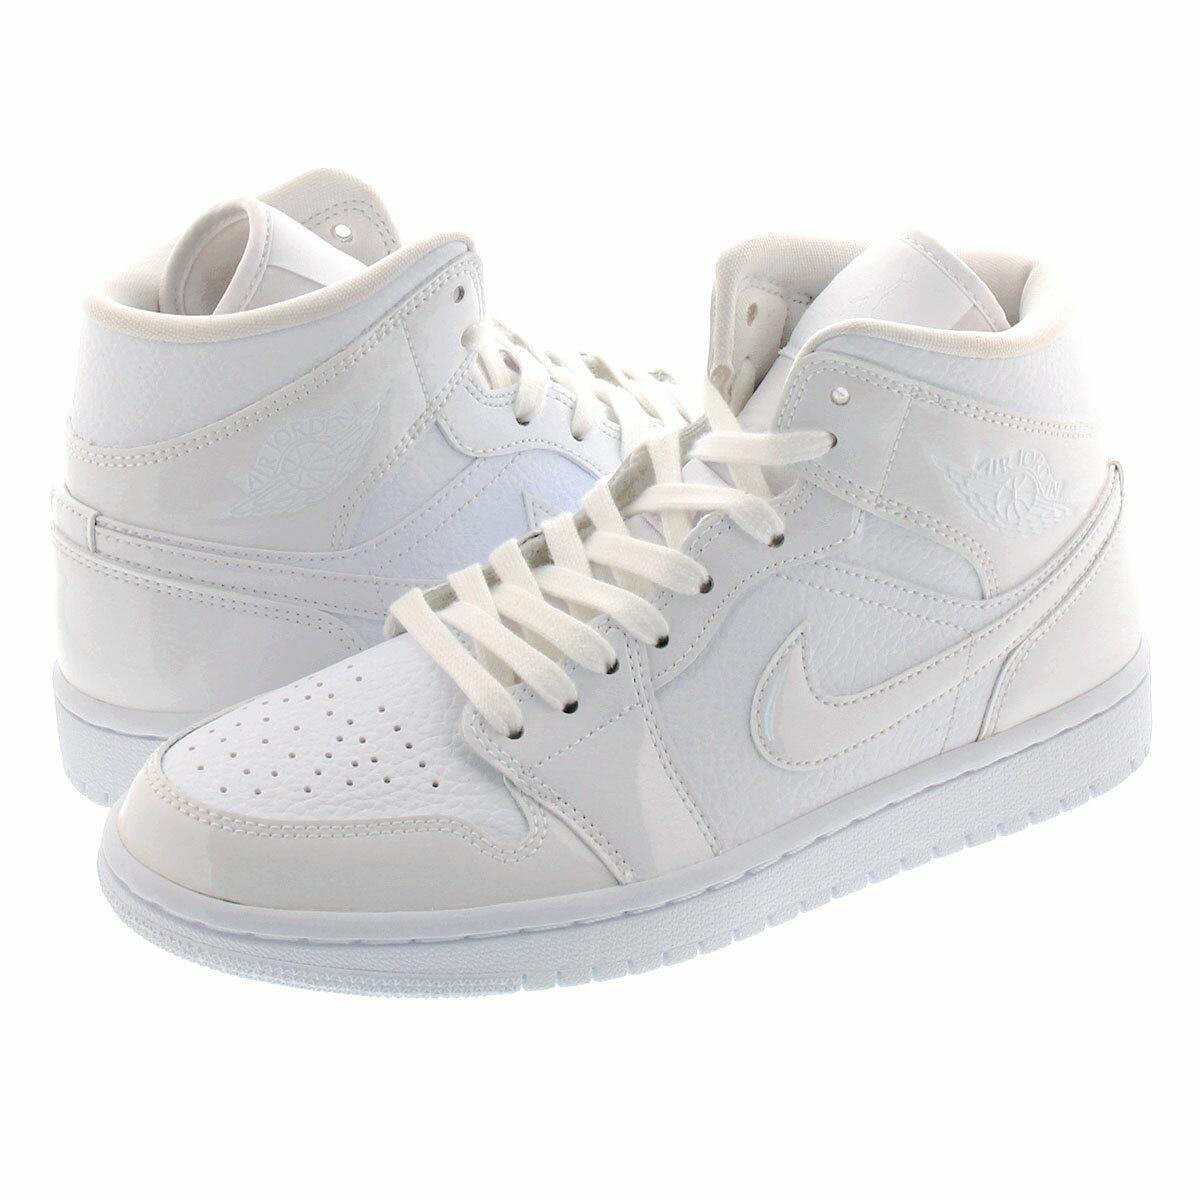 メンズ靴, スニーカー NIKE WMNS AIR JORDAN 1 MID 1 WHITEWHITE bq6472-100